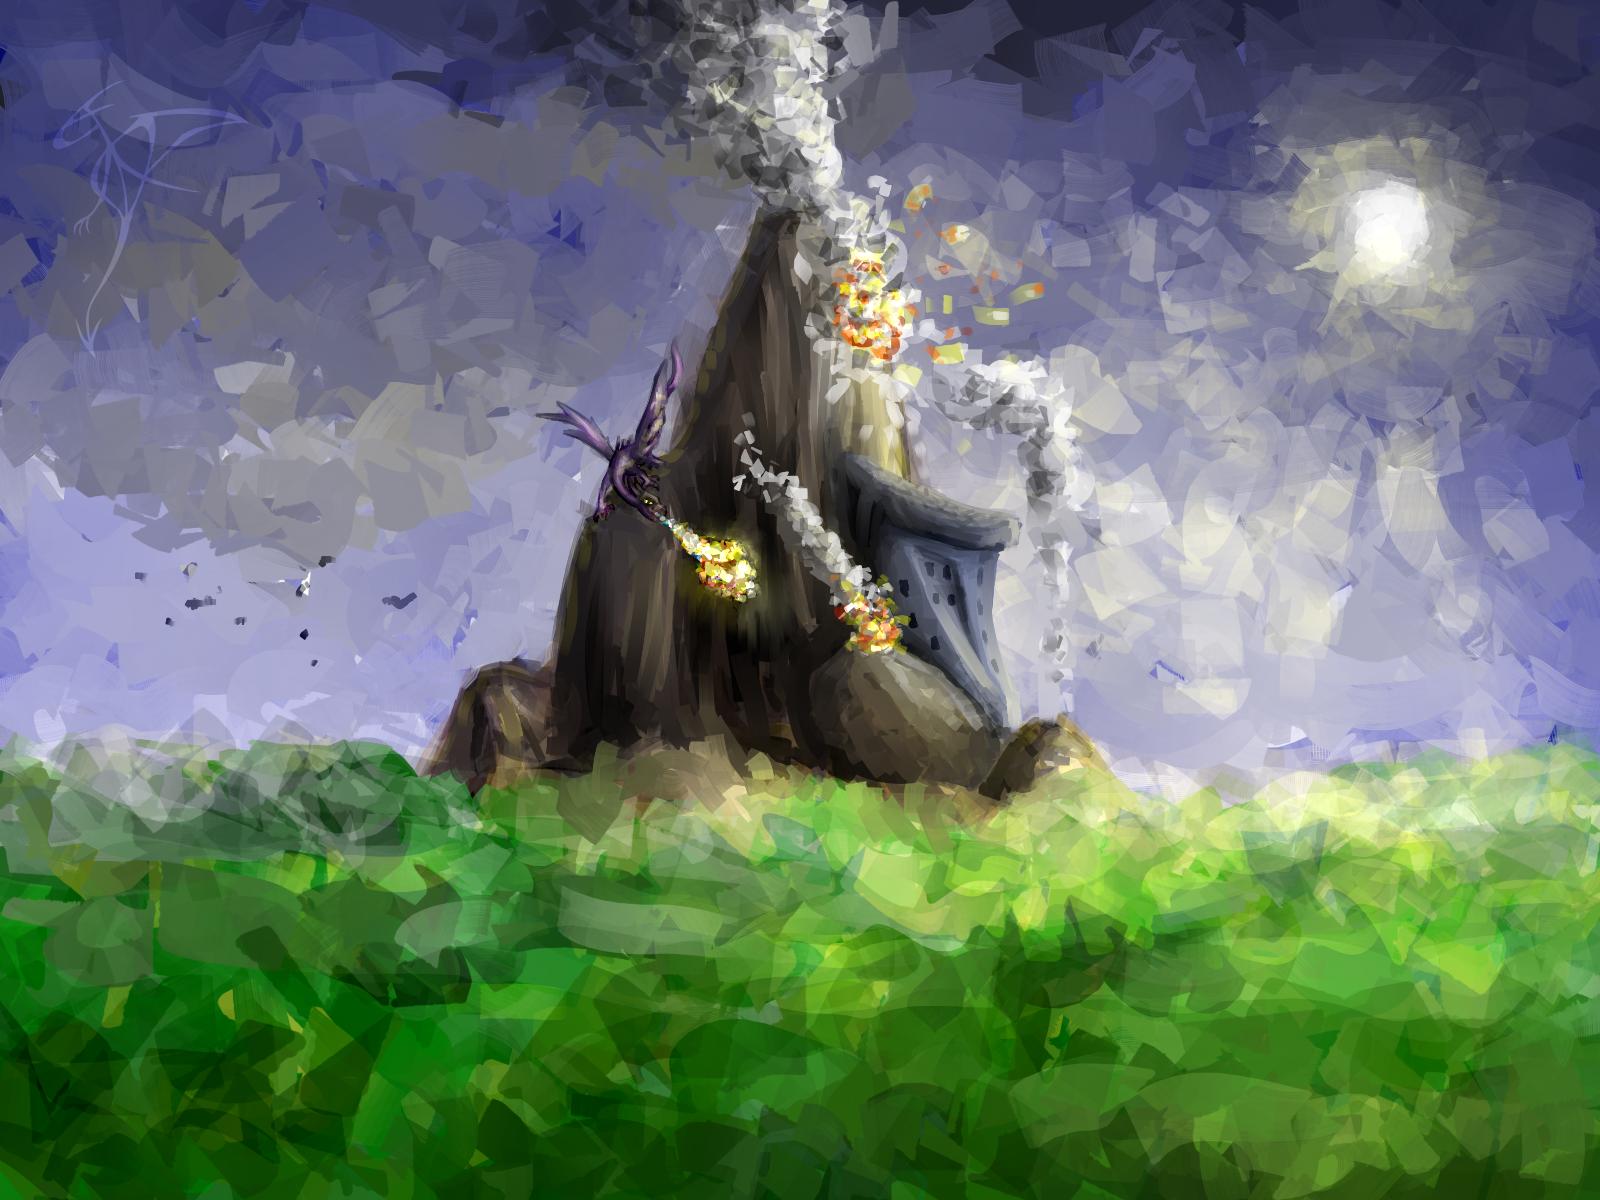 [RYSUNKI]- czyli mini Deviant Saf - Page 3 Landscape_v2_by_fandragonball-d77b7zb